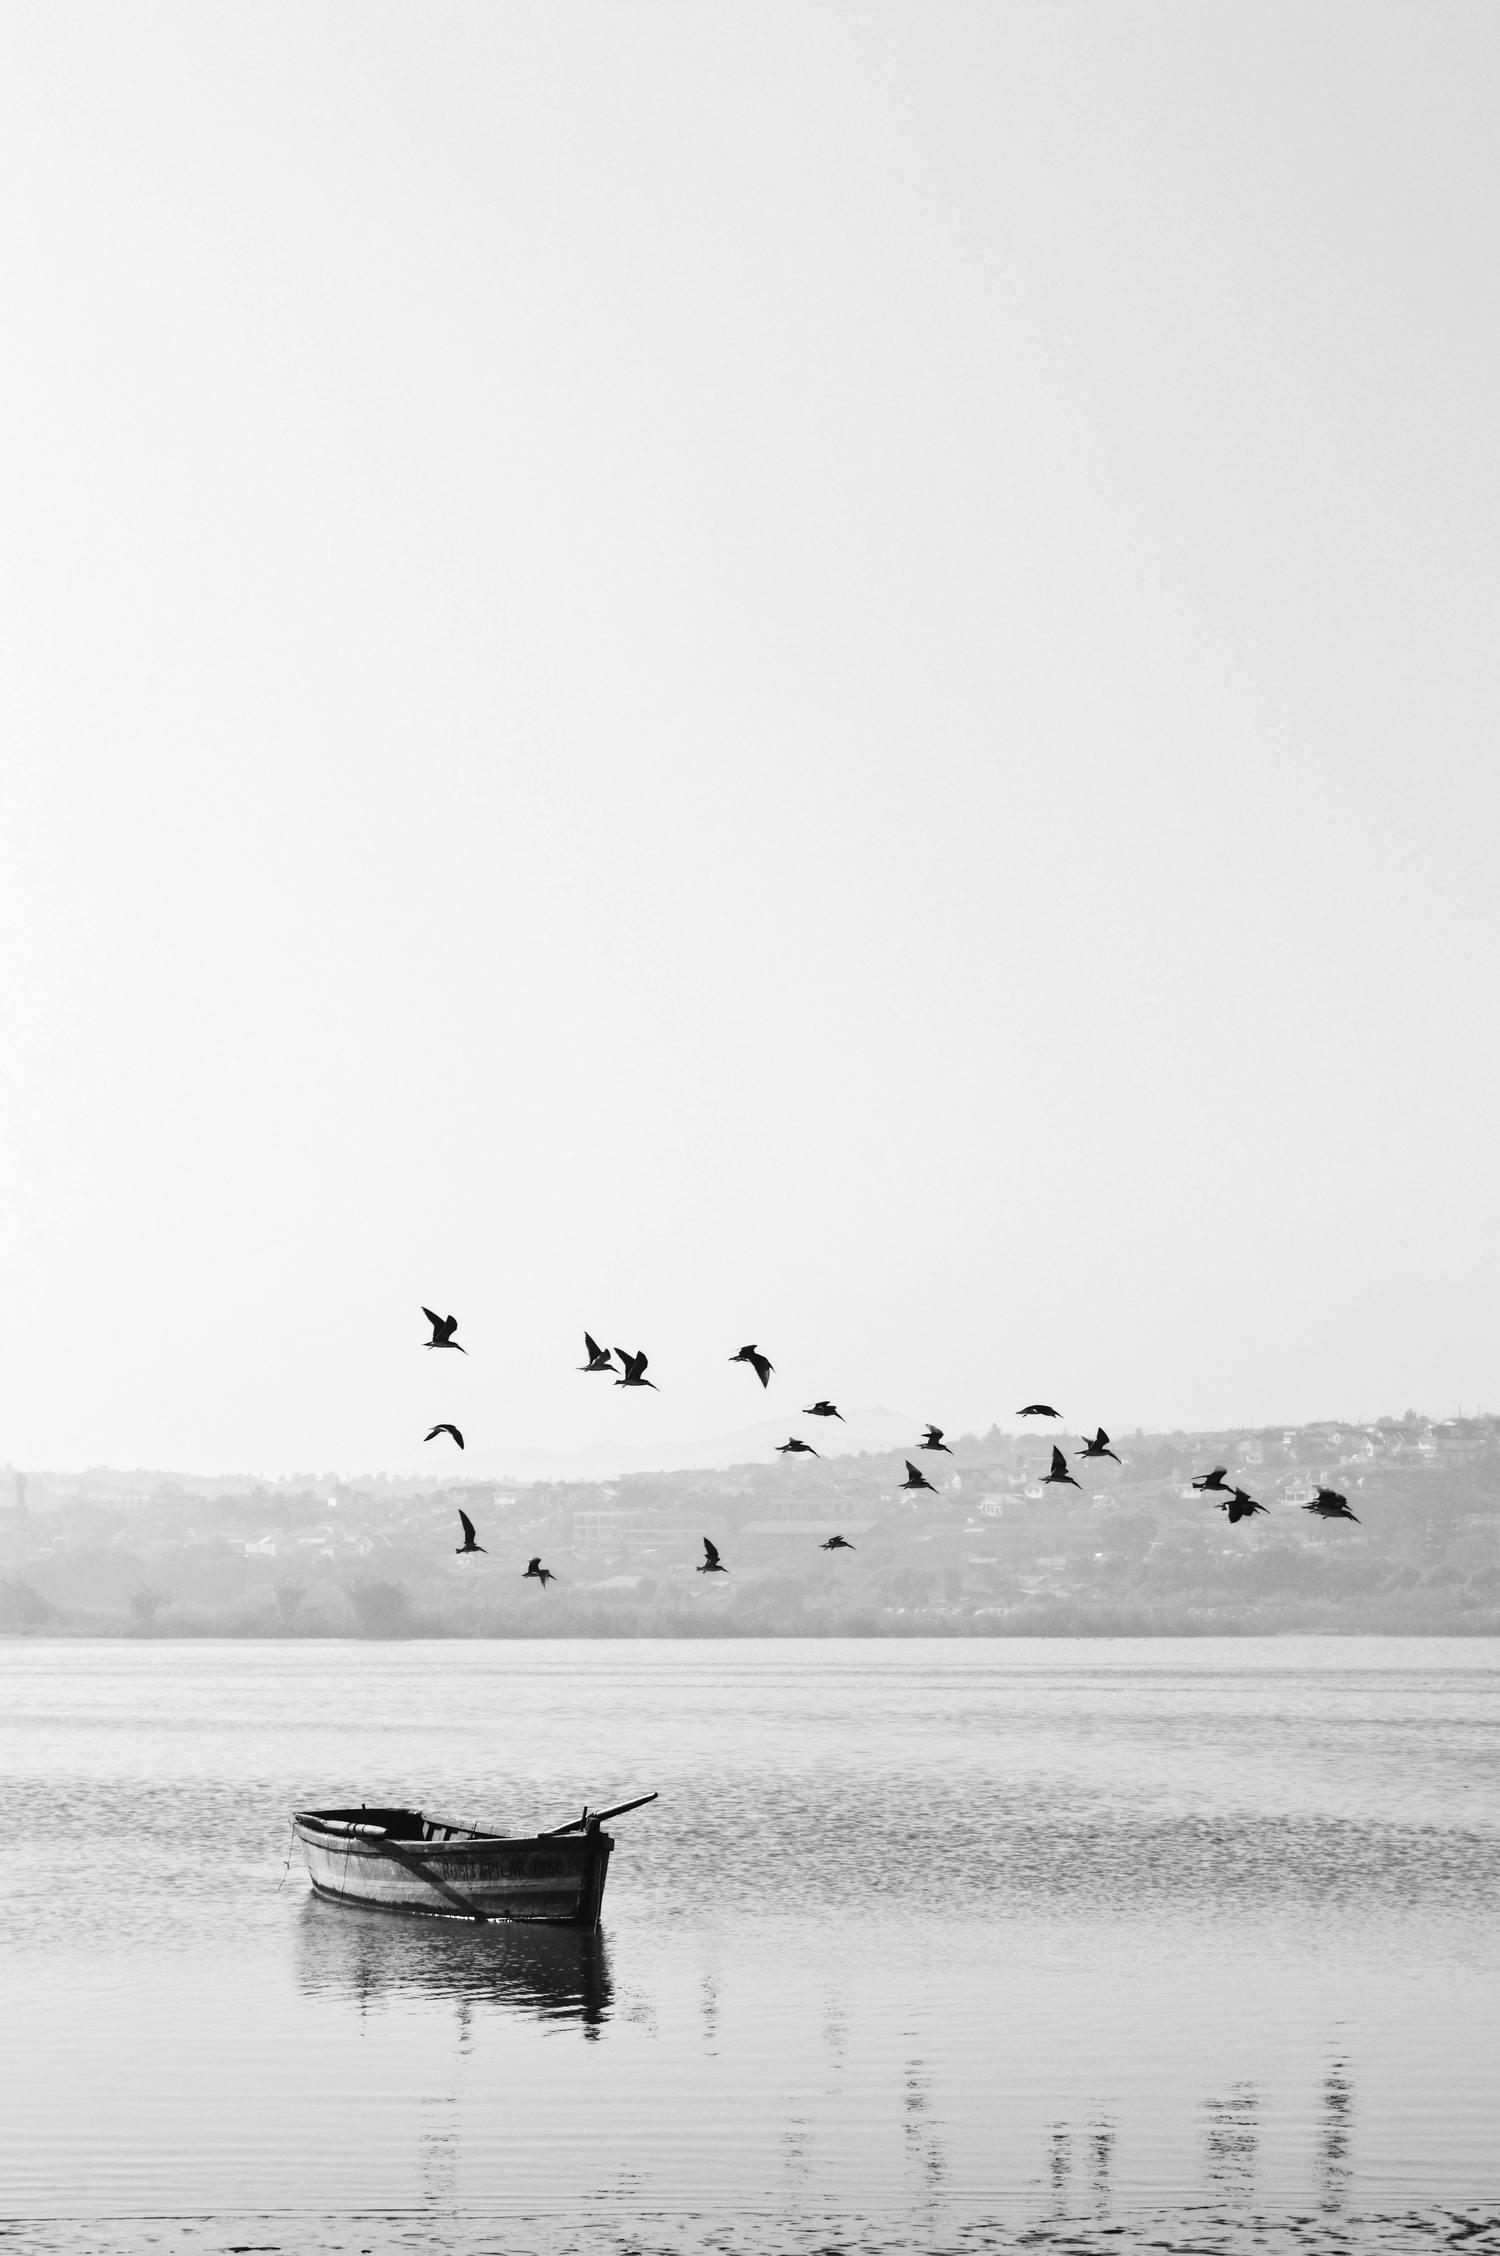 Composición fotográfica en blanco y negro de barca con pájaros volando